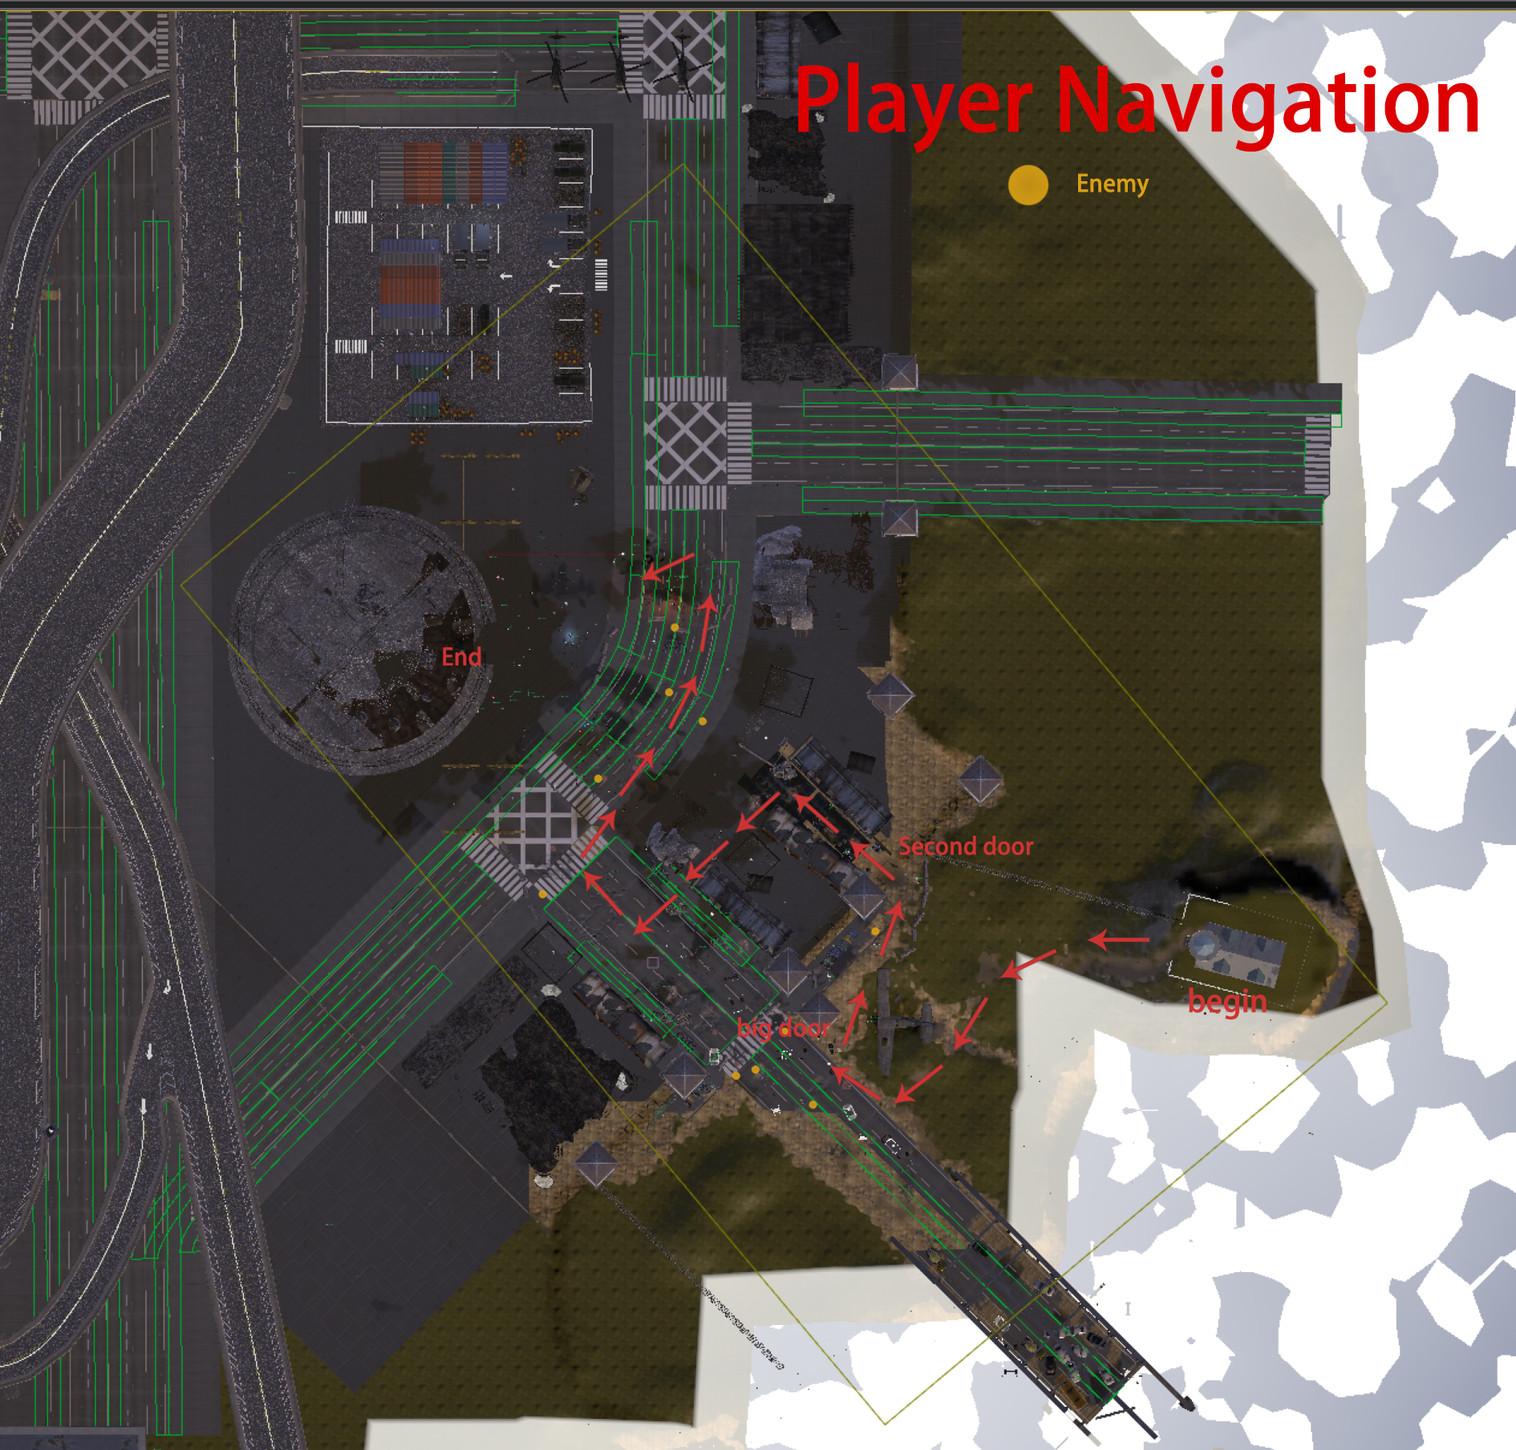 玩家行动路线2.jpg